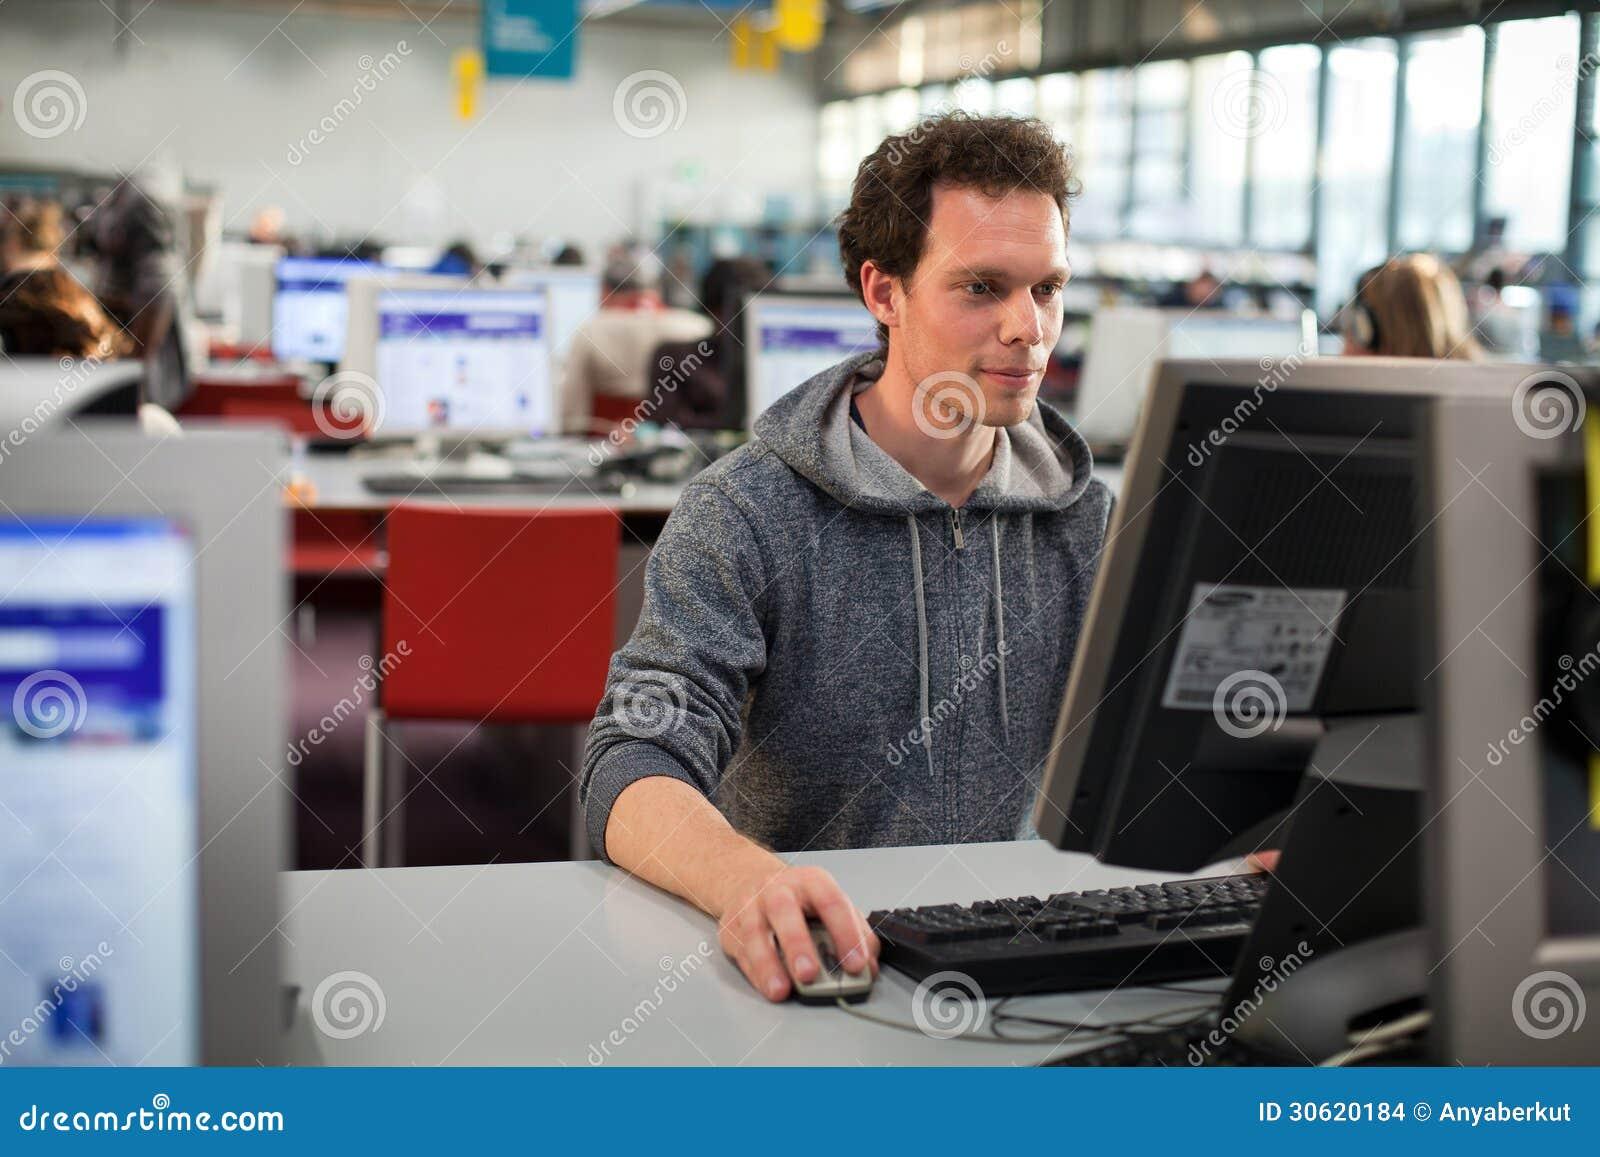 Étudiant à l ordinateur